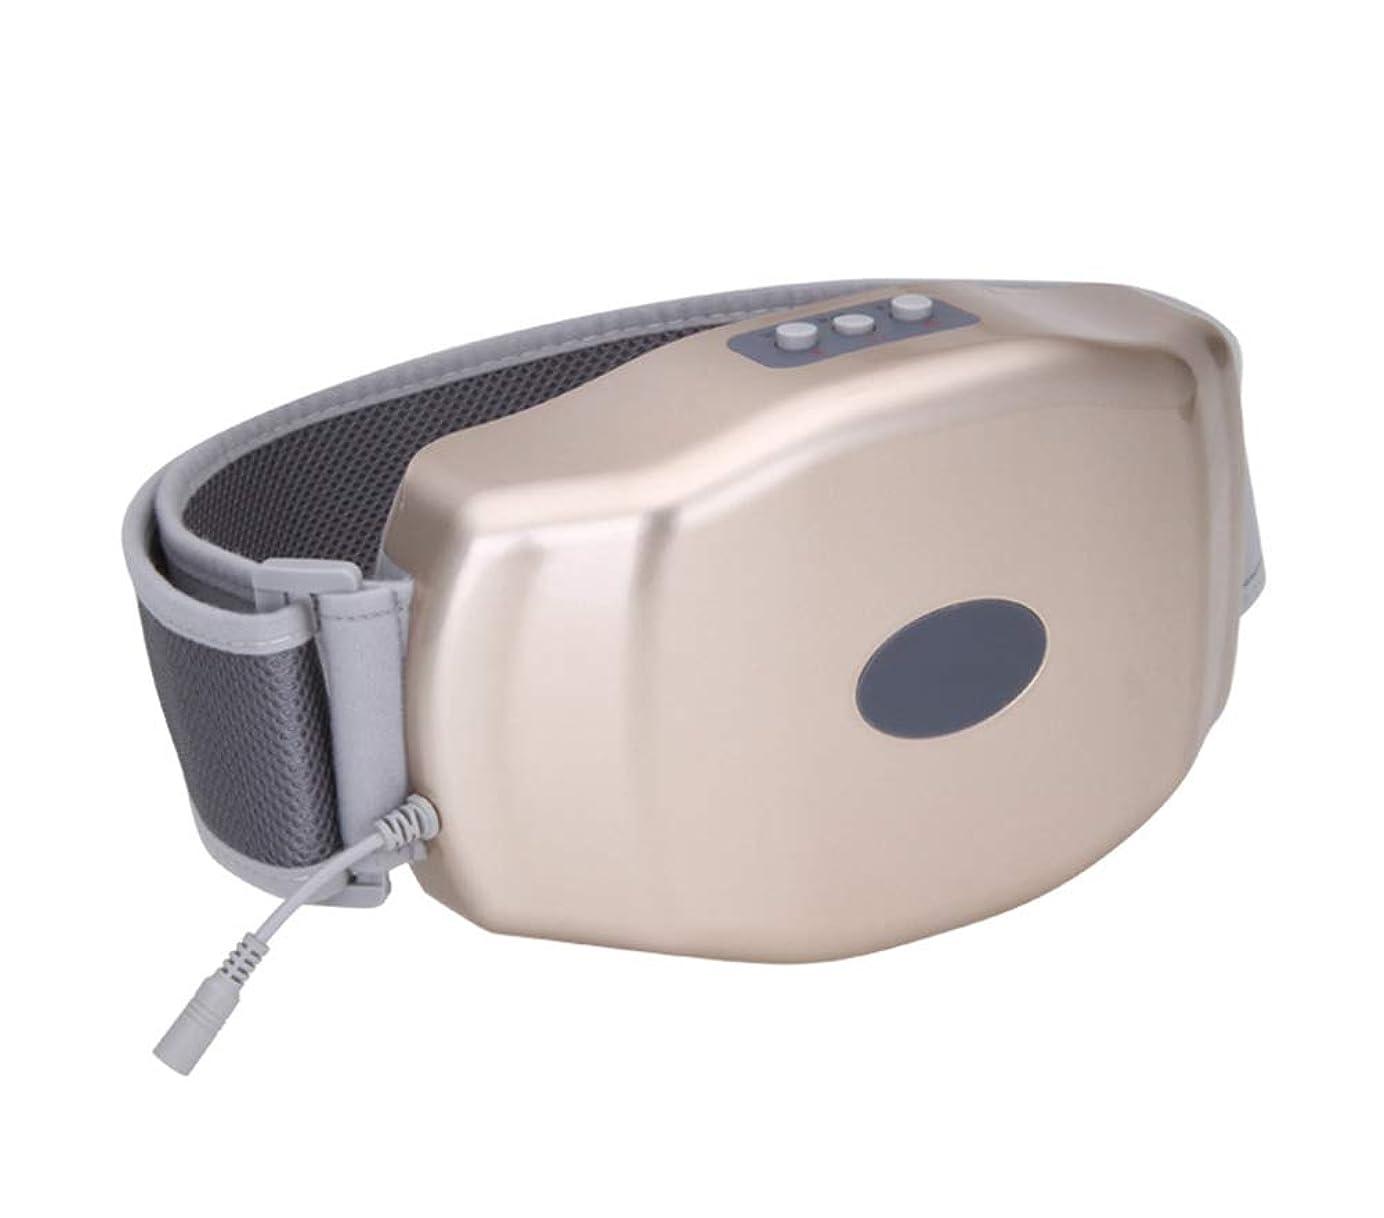 阻害するトレード結び目多機能腹部マッサージ - 電気ファットバーナー - 腹部減量マッサージ振動便秘腹部理学療法ベルト加熱男性と女性のベルト